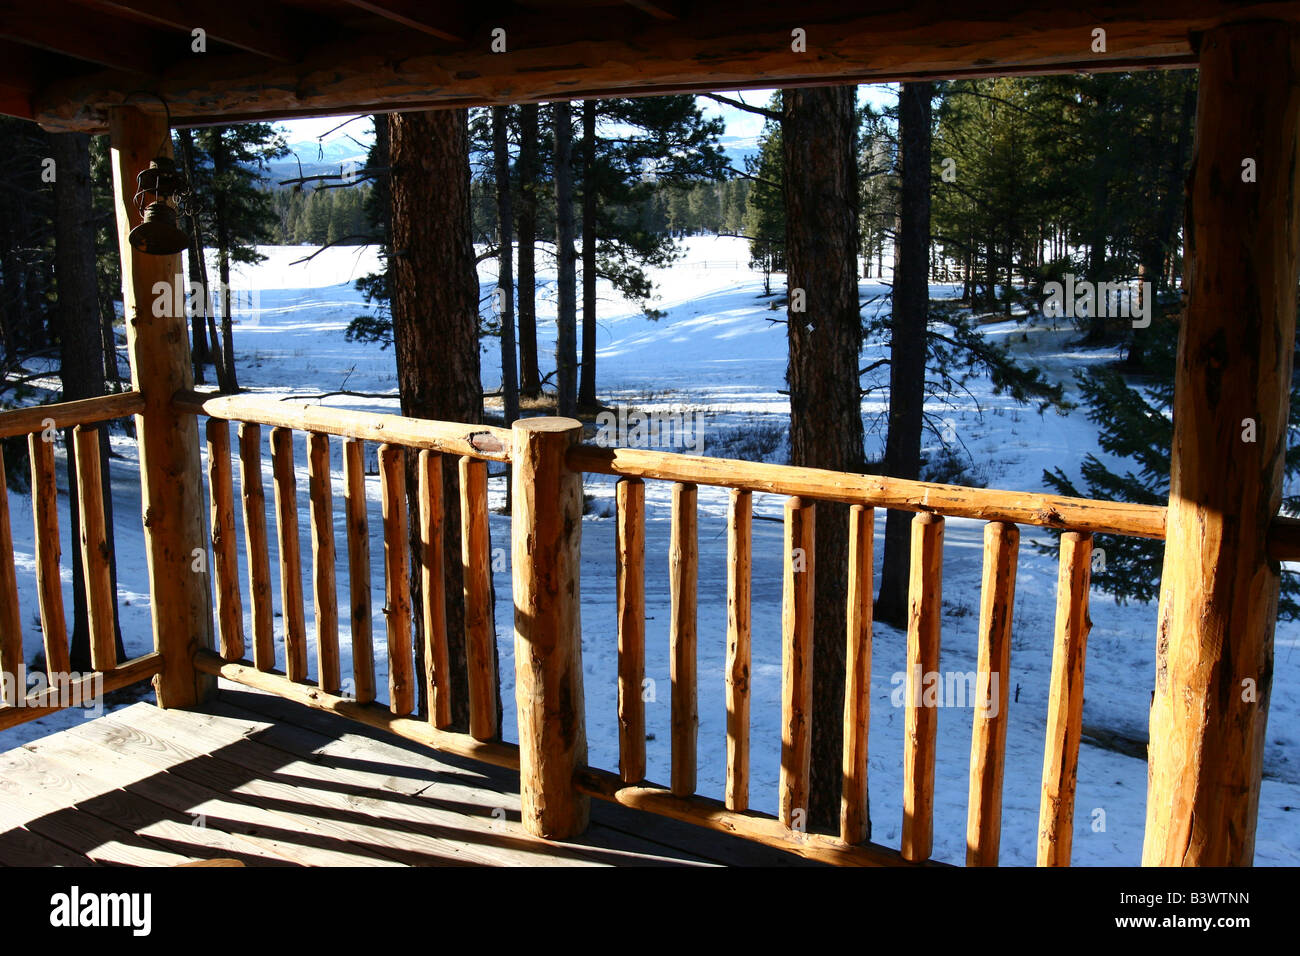 Bäume im Schnee bedeckt Feld gesehen von der Veranda der Hütte, Swan Valley, Montana, USA Stockbild